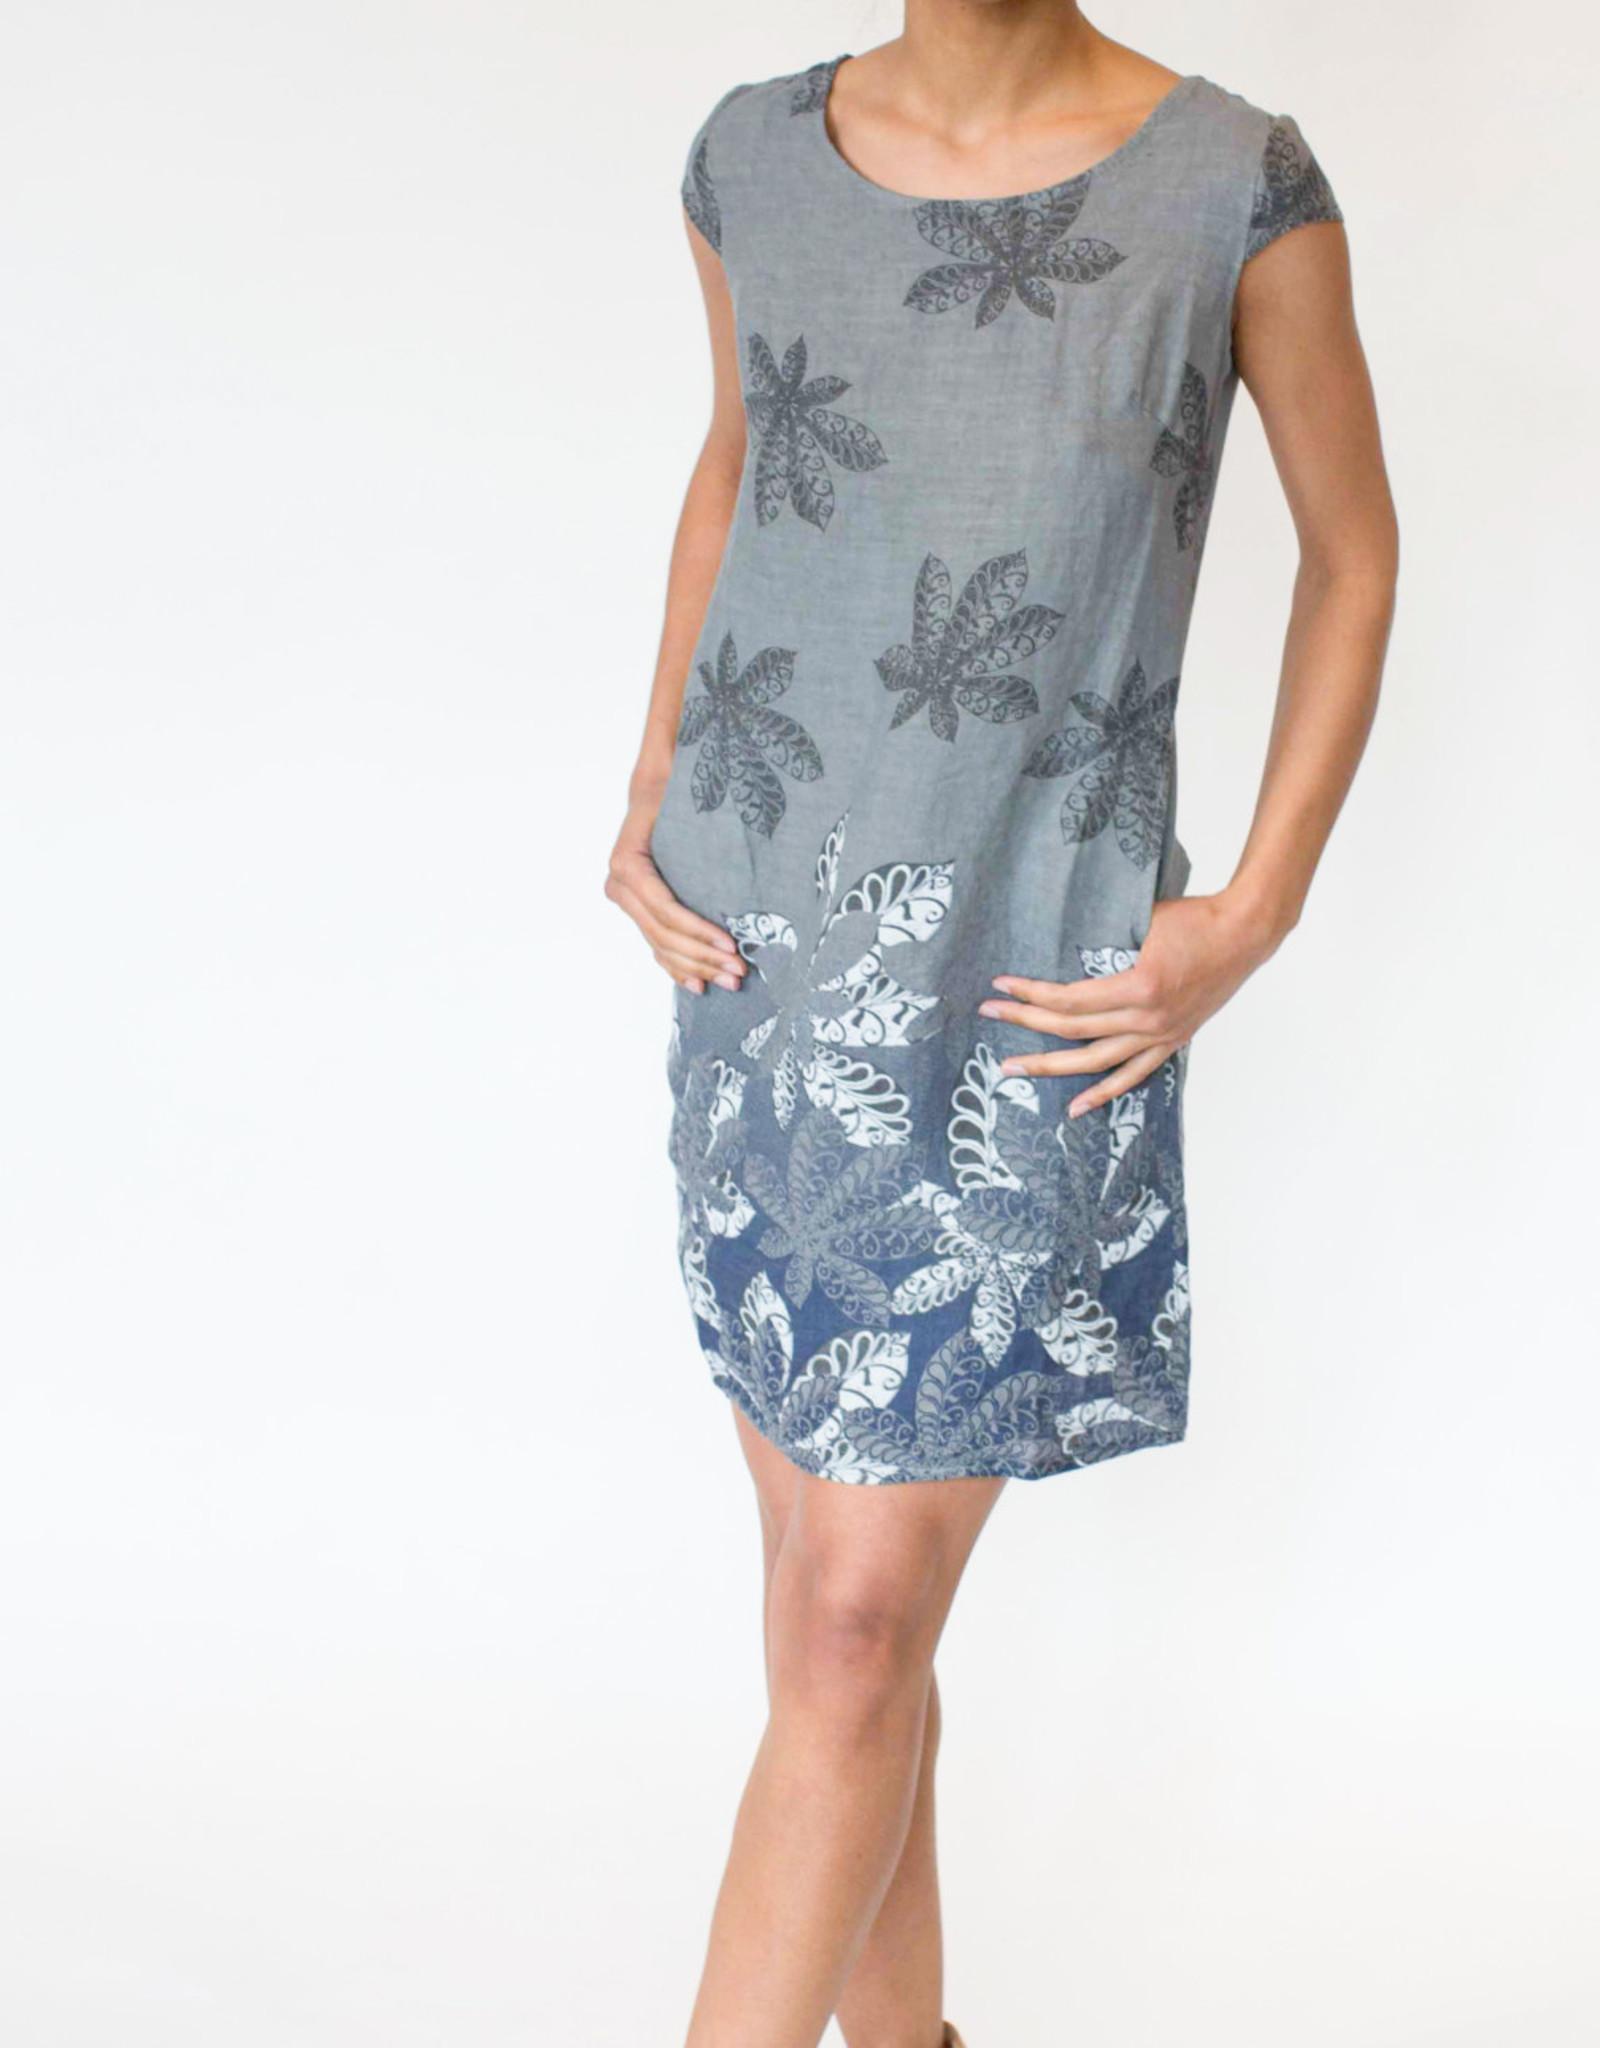 Femme Fatale Printed pocket dress